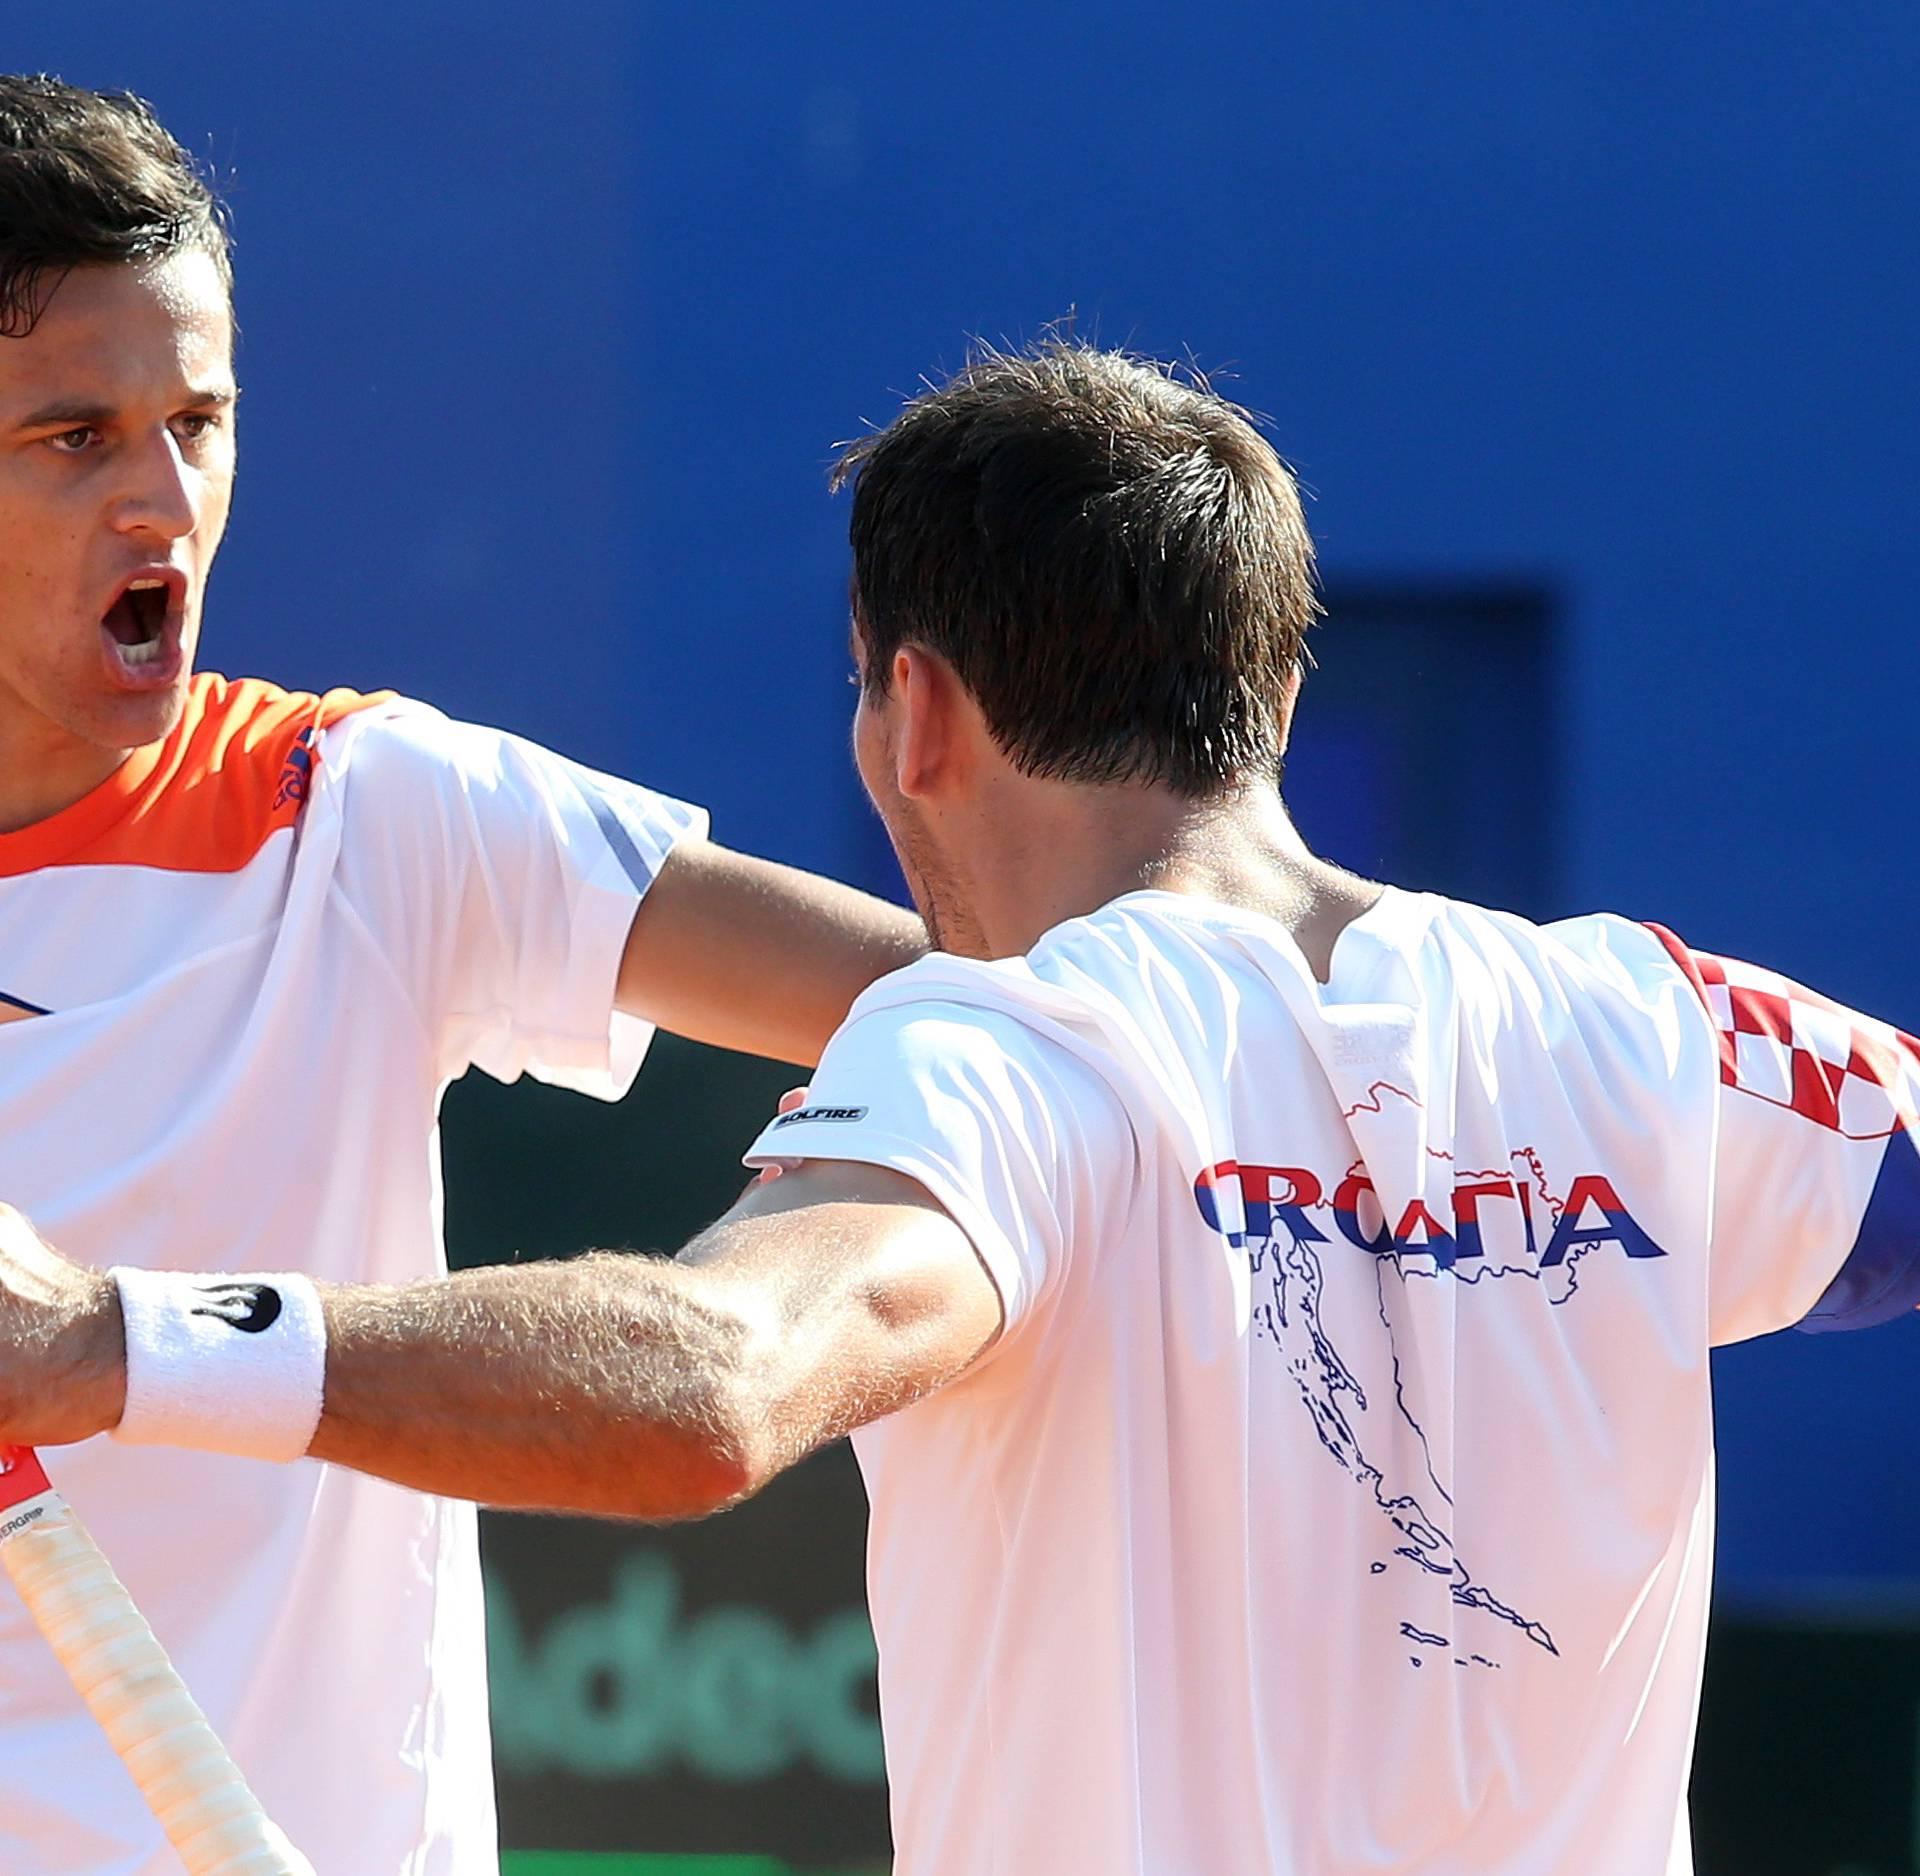 Pavić i Marach u finalu Dohe igraju protiv Murraya  i Soaresa